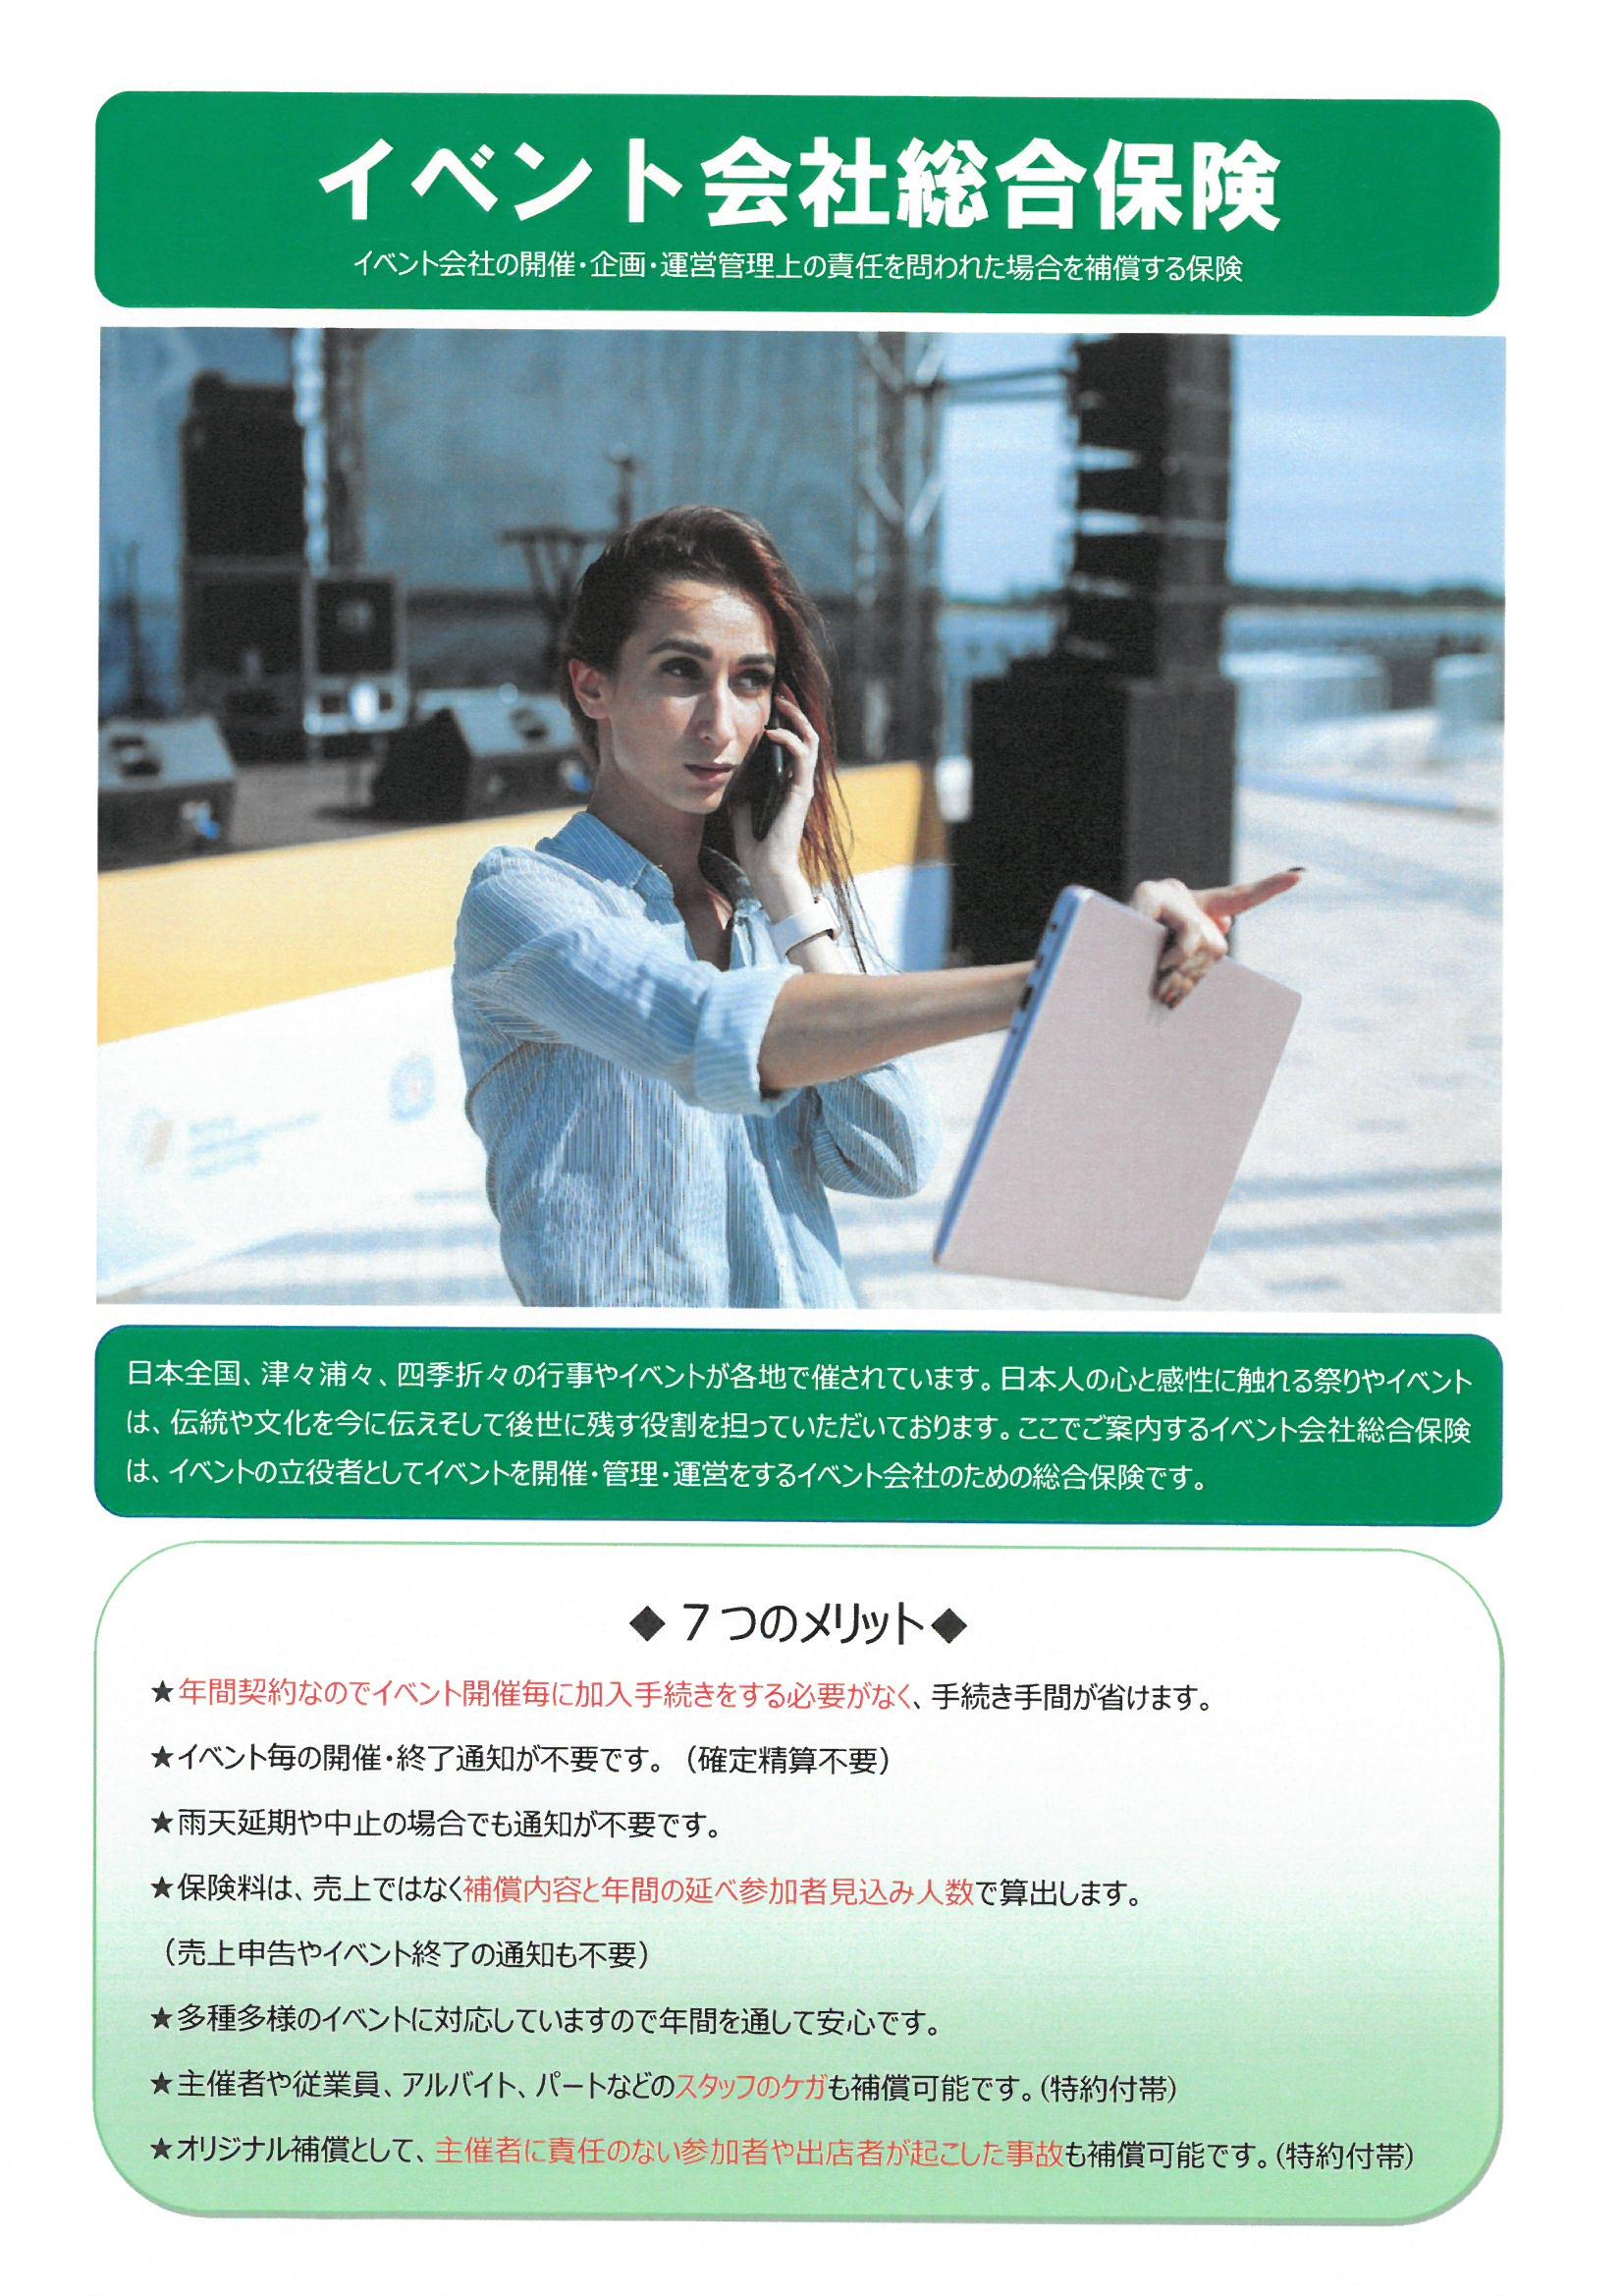 イベント会社総合保険パンフレット